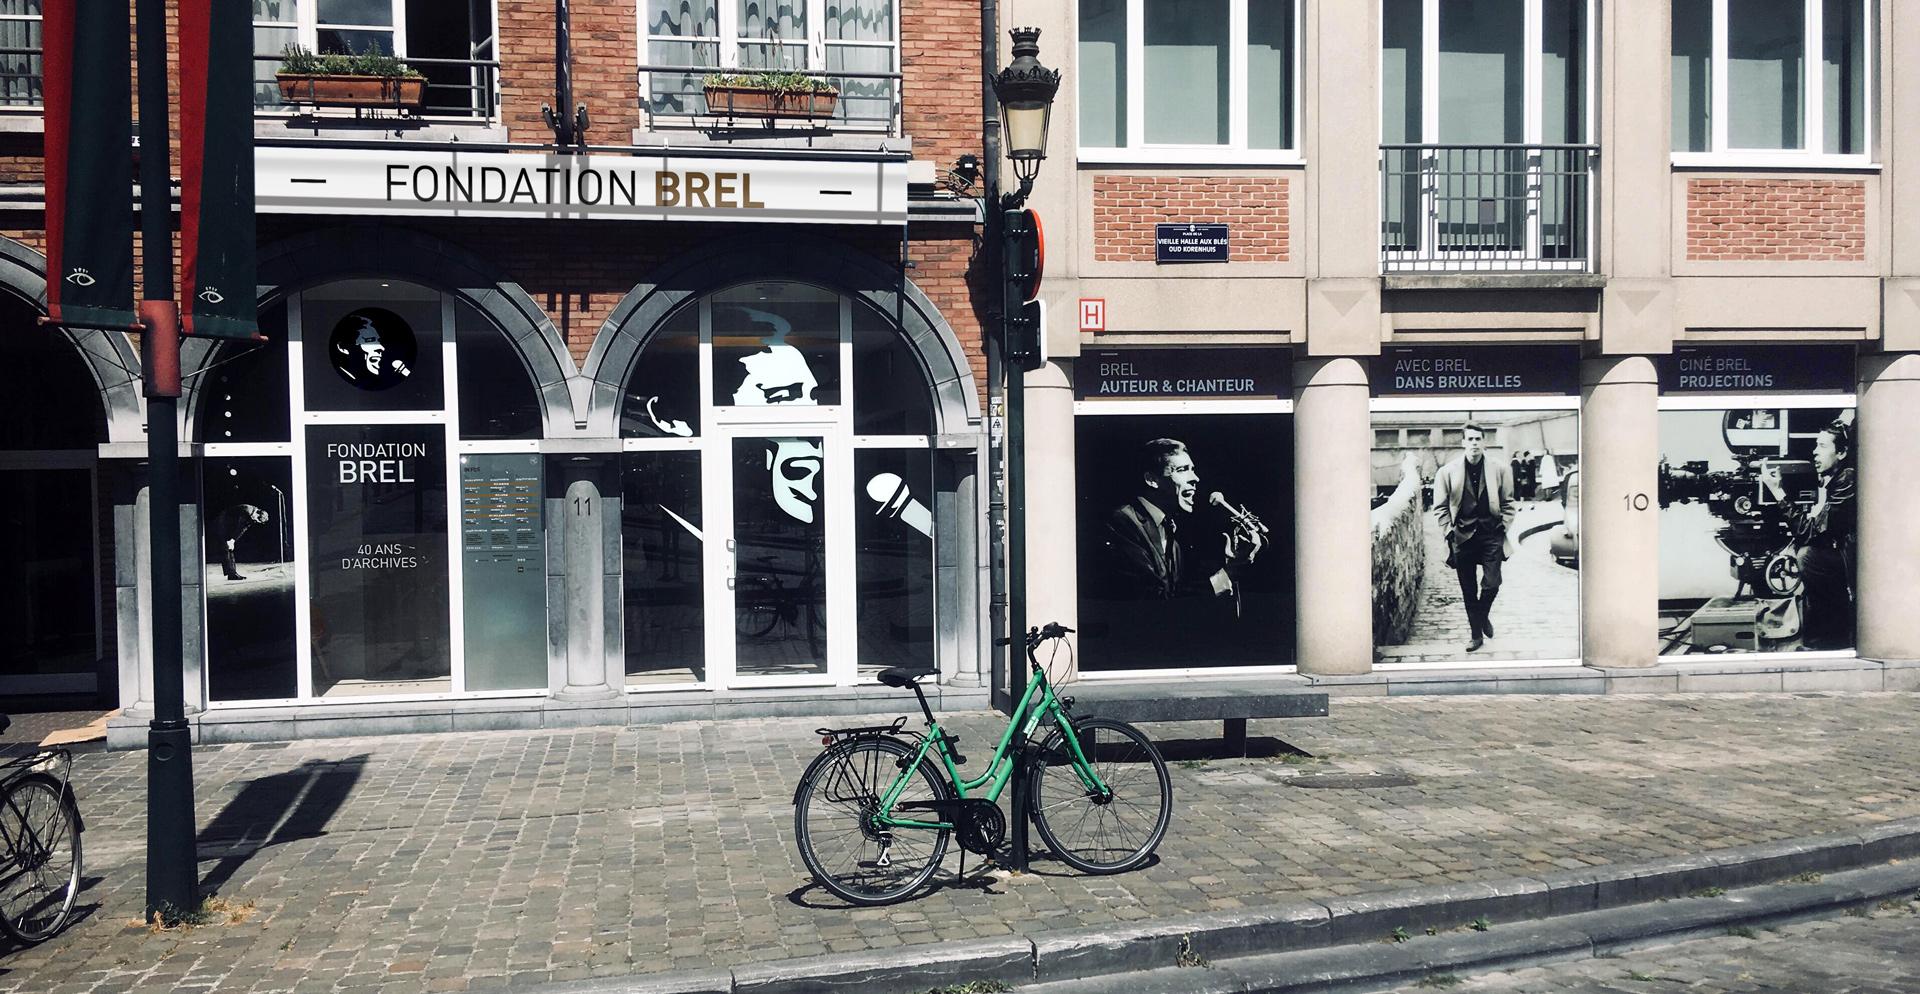 Façade de la Fondation Brel